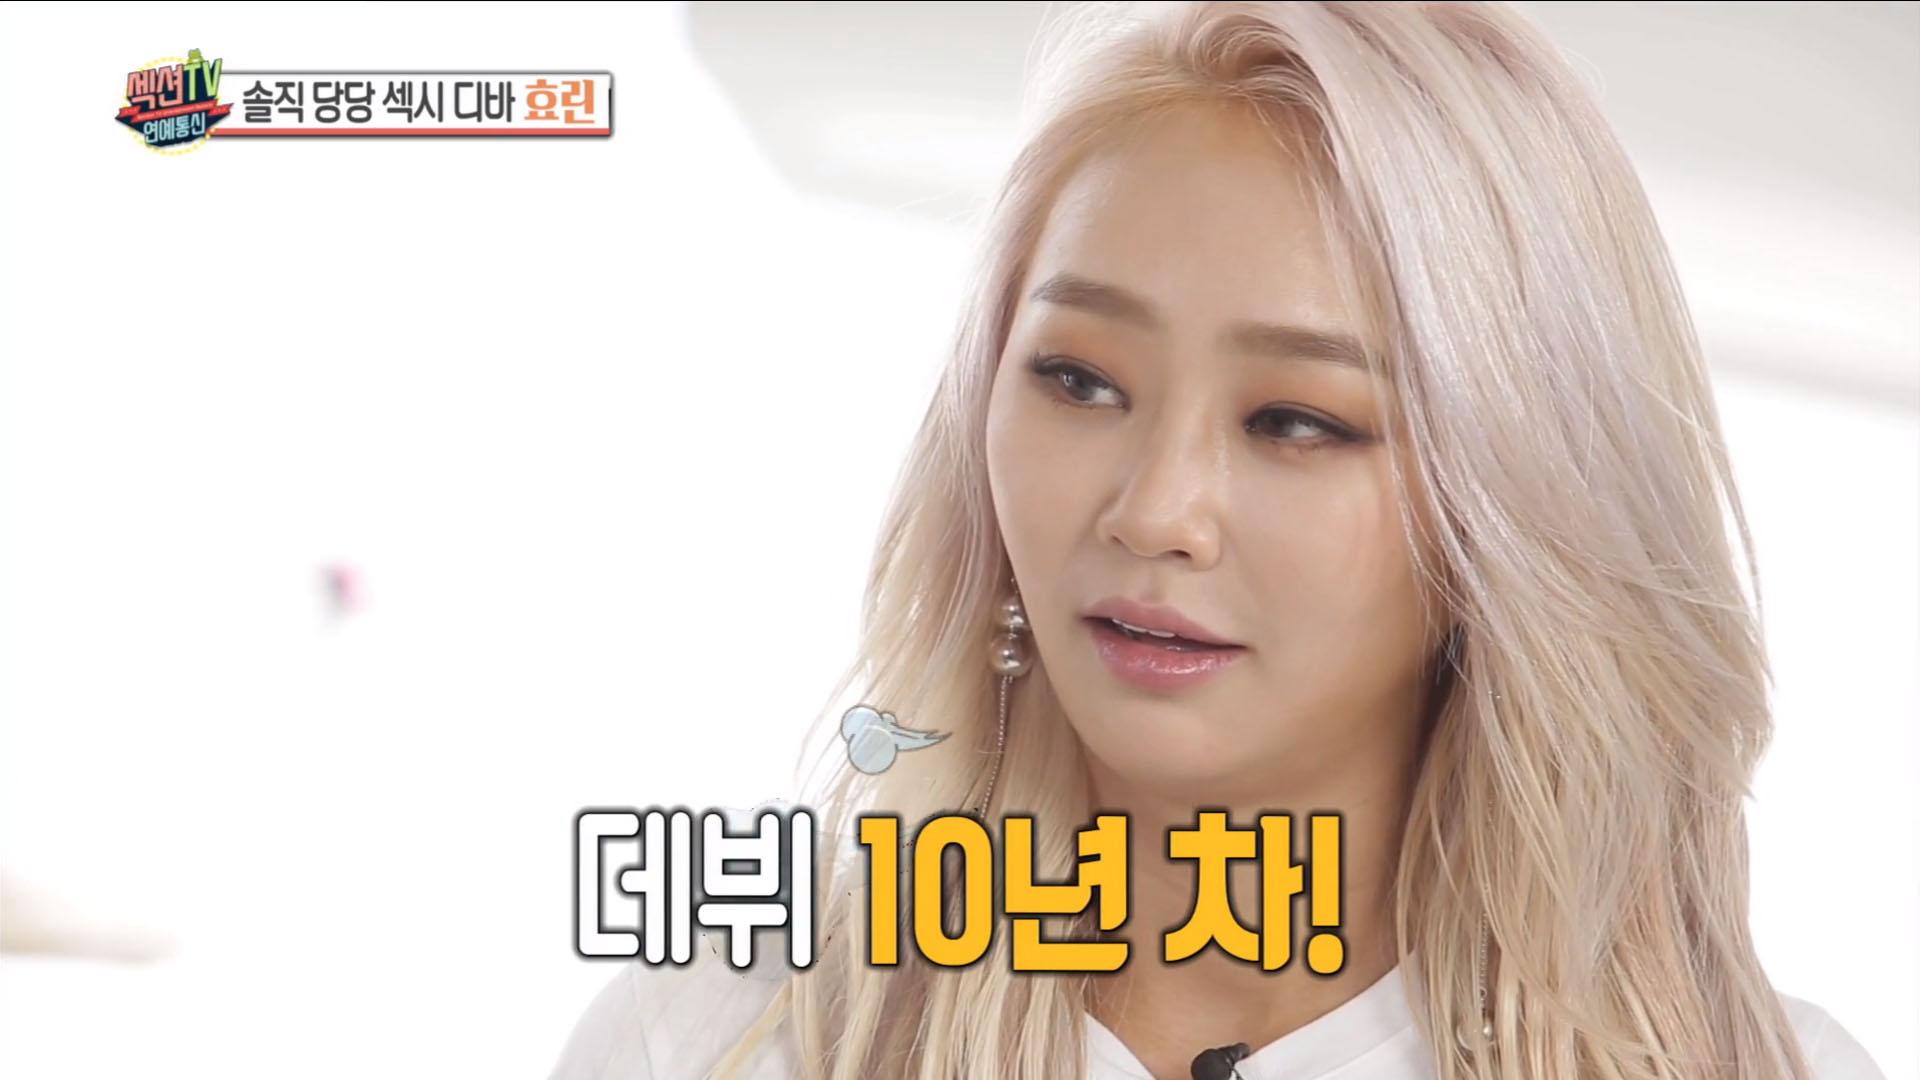 '섹션TV 연예통신' 데뷔 10년차 가수 효린! '힘들 때마다 멤버들 생각'